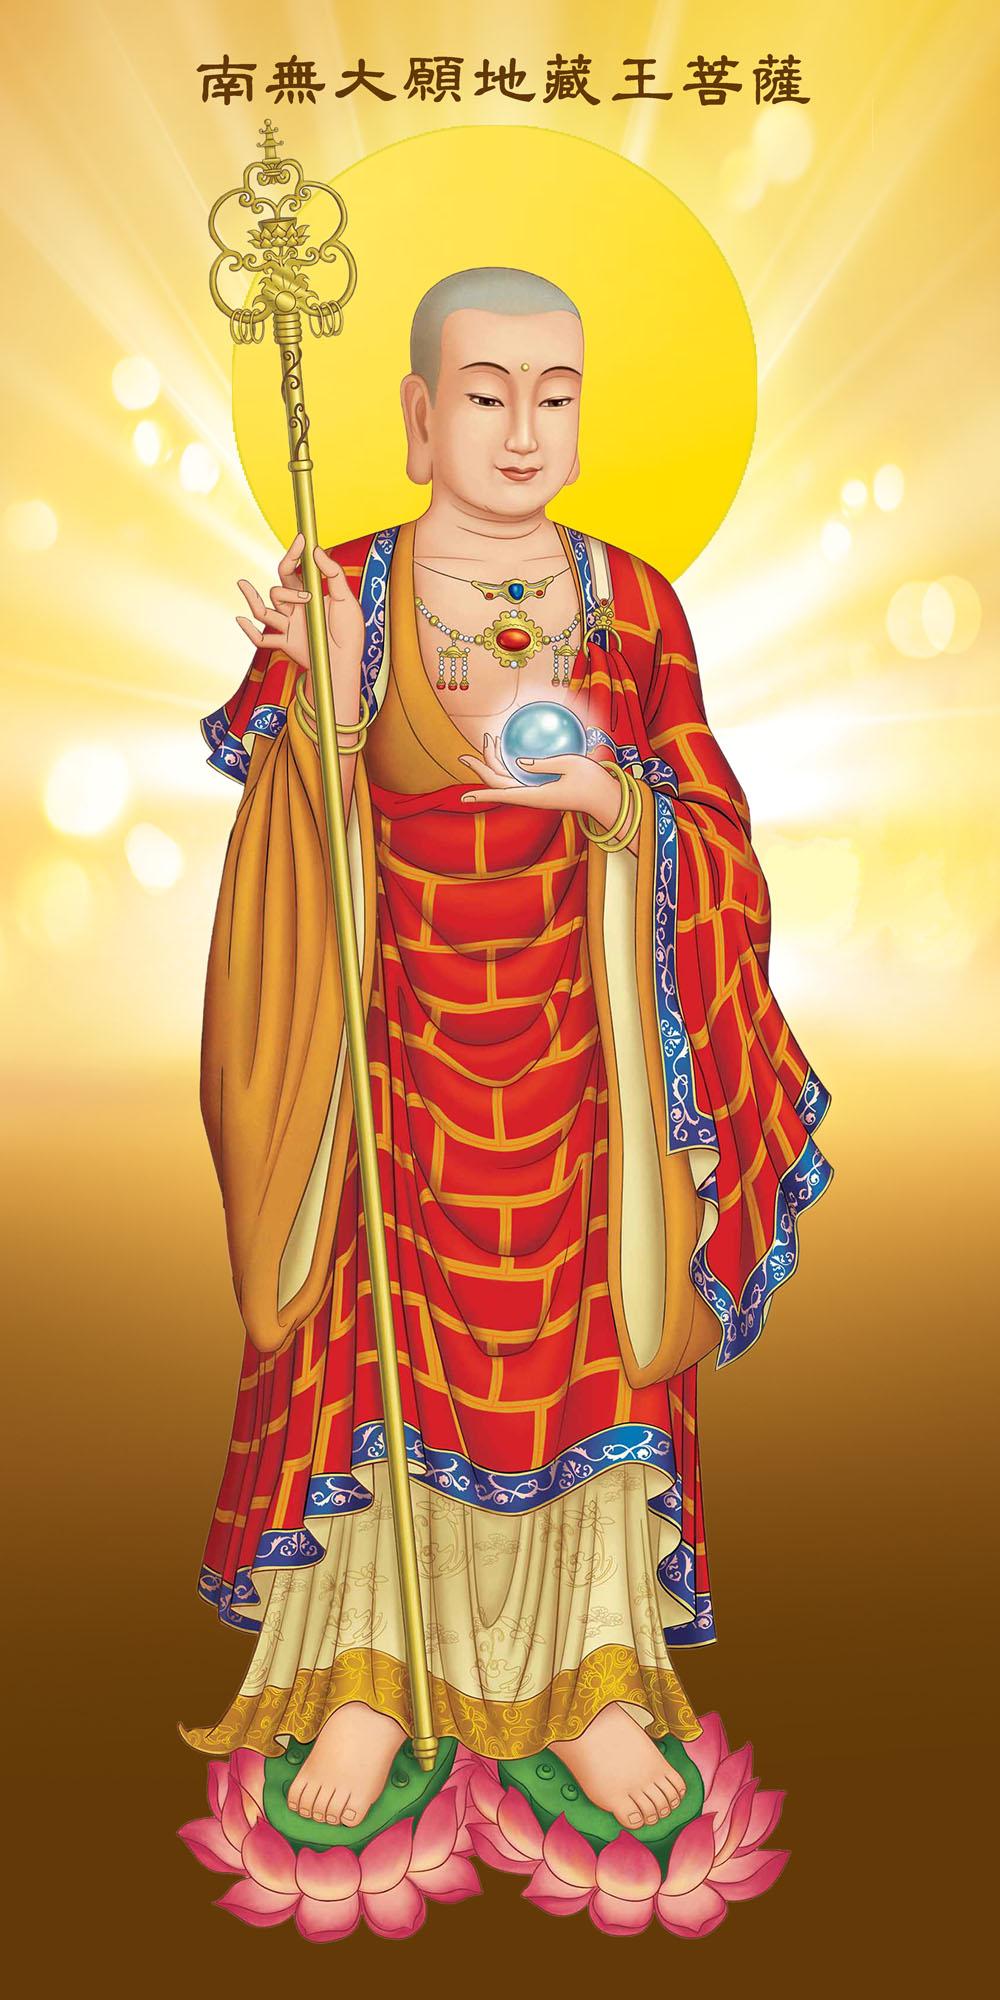 自在堂结缘佛像南无大愿地藏王菩萨--a06佛像画像卷轴绢丝挂画